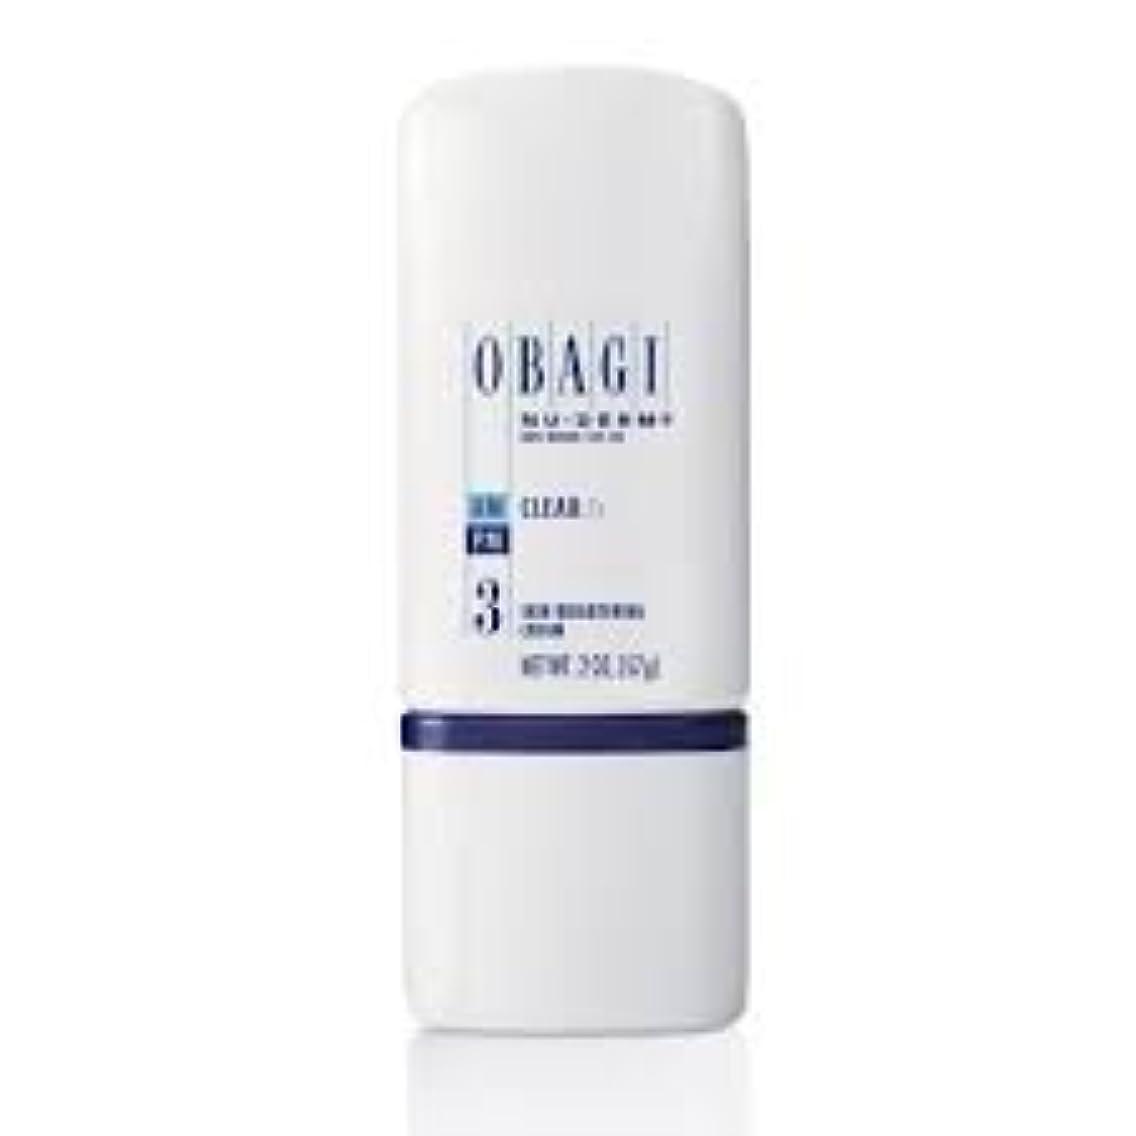 悩み耕す穴Obagi Nu Derm Clear Fx Skin Brightening Cream 2 oz/57.gオバジクリーム [並行輸入品]